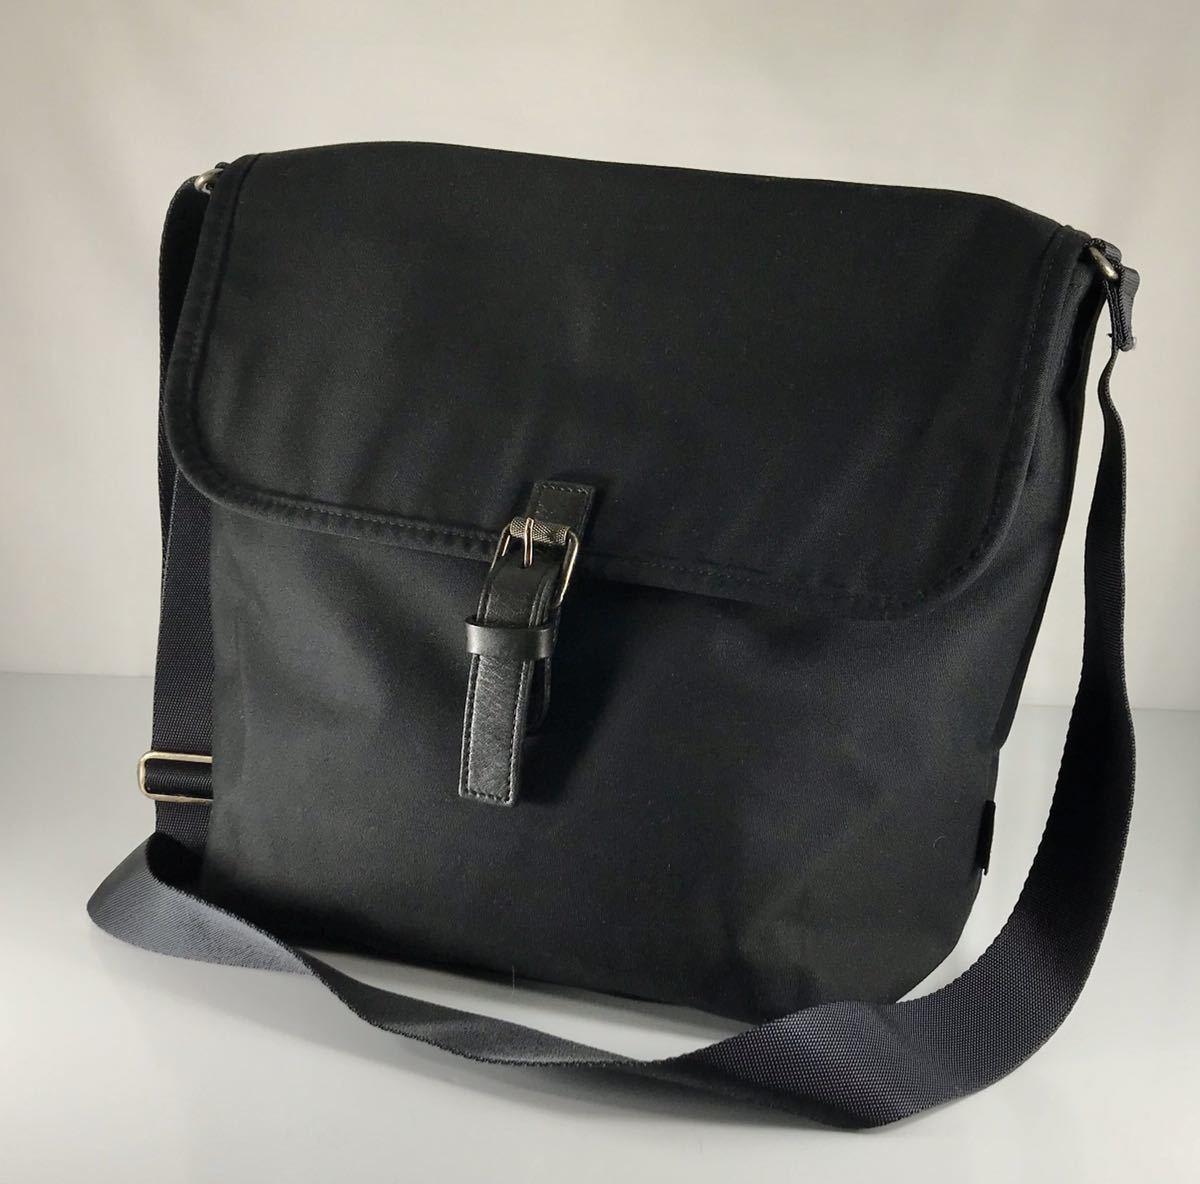 美品 Agnis b VOYAGE アニエス・ベー 男女兼用 iPad・A4雑誌も収納 レザー×キャンバス ブラック 軽量 大型ショルダーバッグ です。